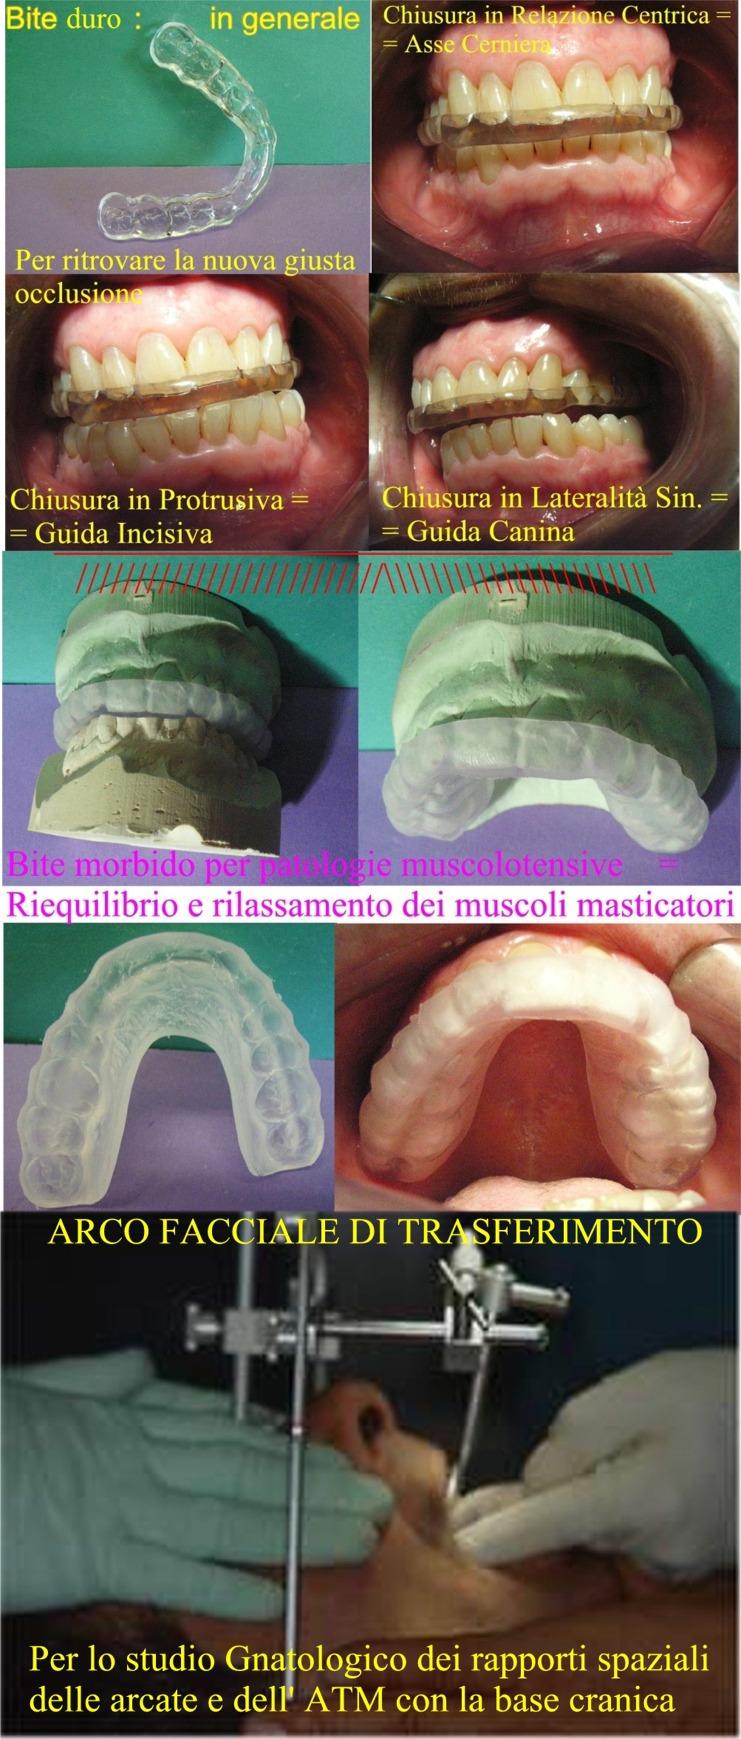 Diversi tipi di Bite ed Arco Facciale per una visita Gnatologica Seria. Da casistica Clinica del Dr. Gustavo Petti di Cagliari